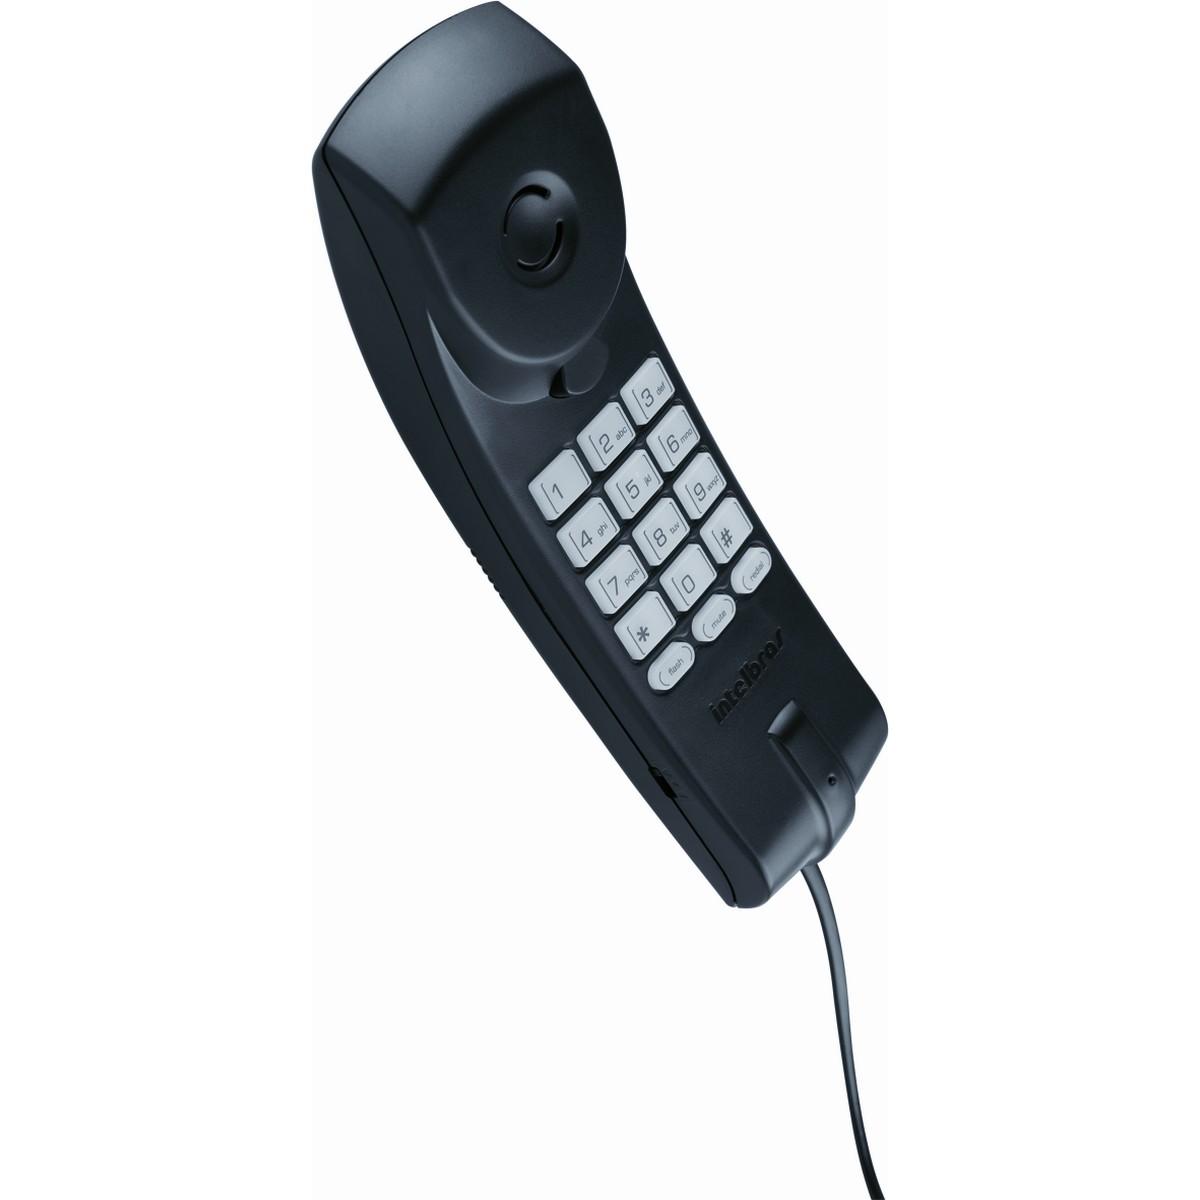 Telefone Intelbras TC 20 - Hope Tech Telecomunicações